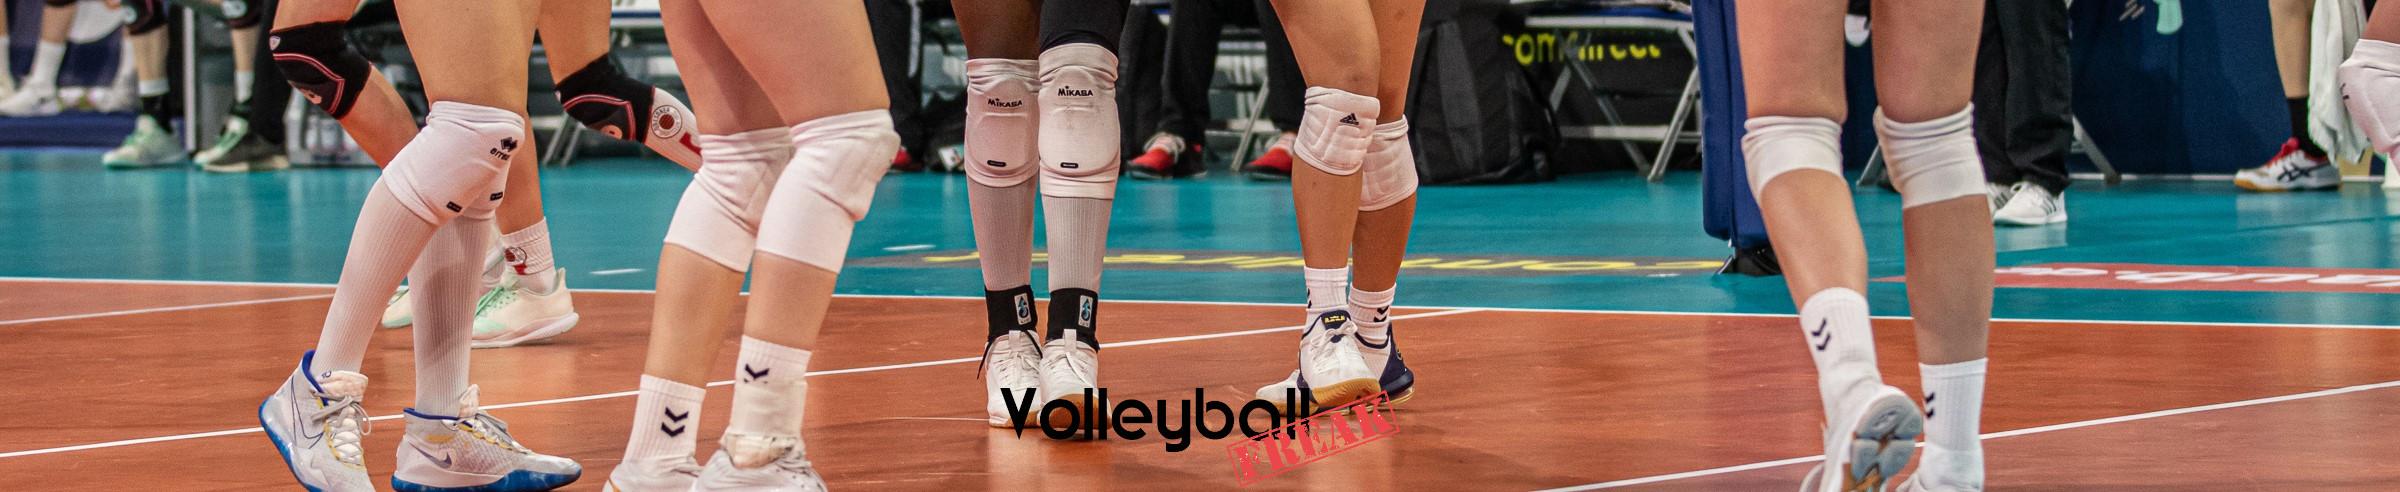 Volleyball Knieschoner